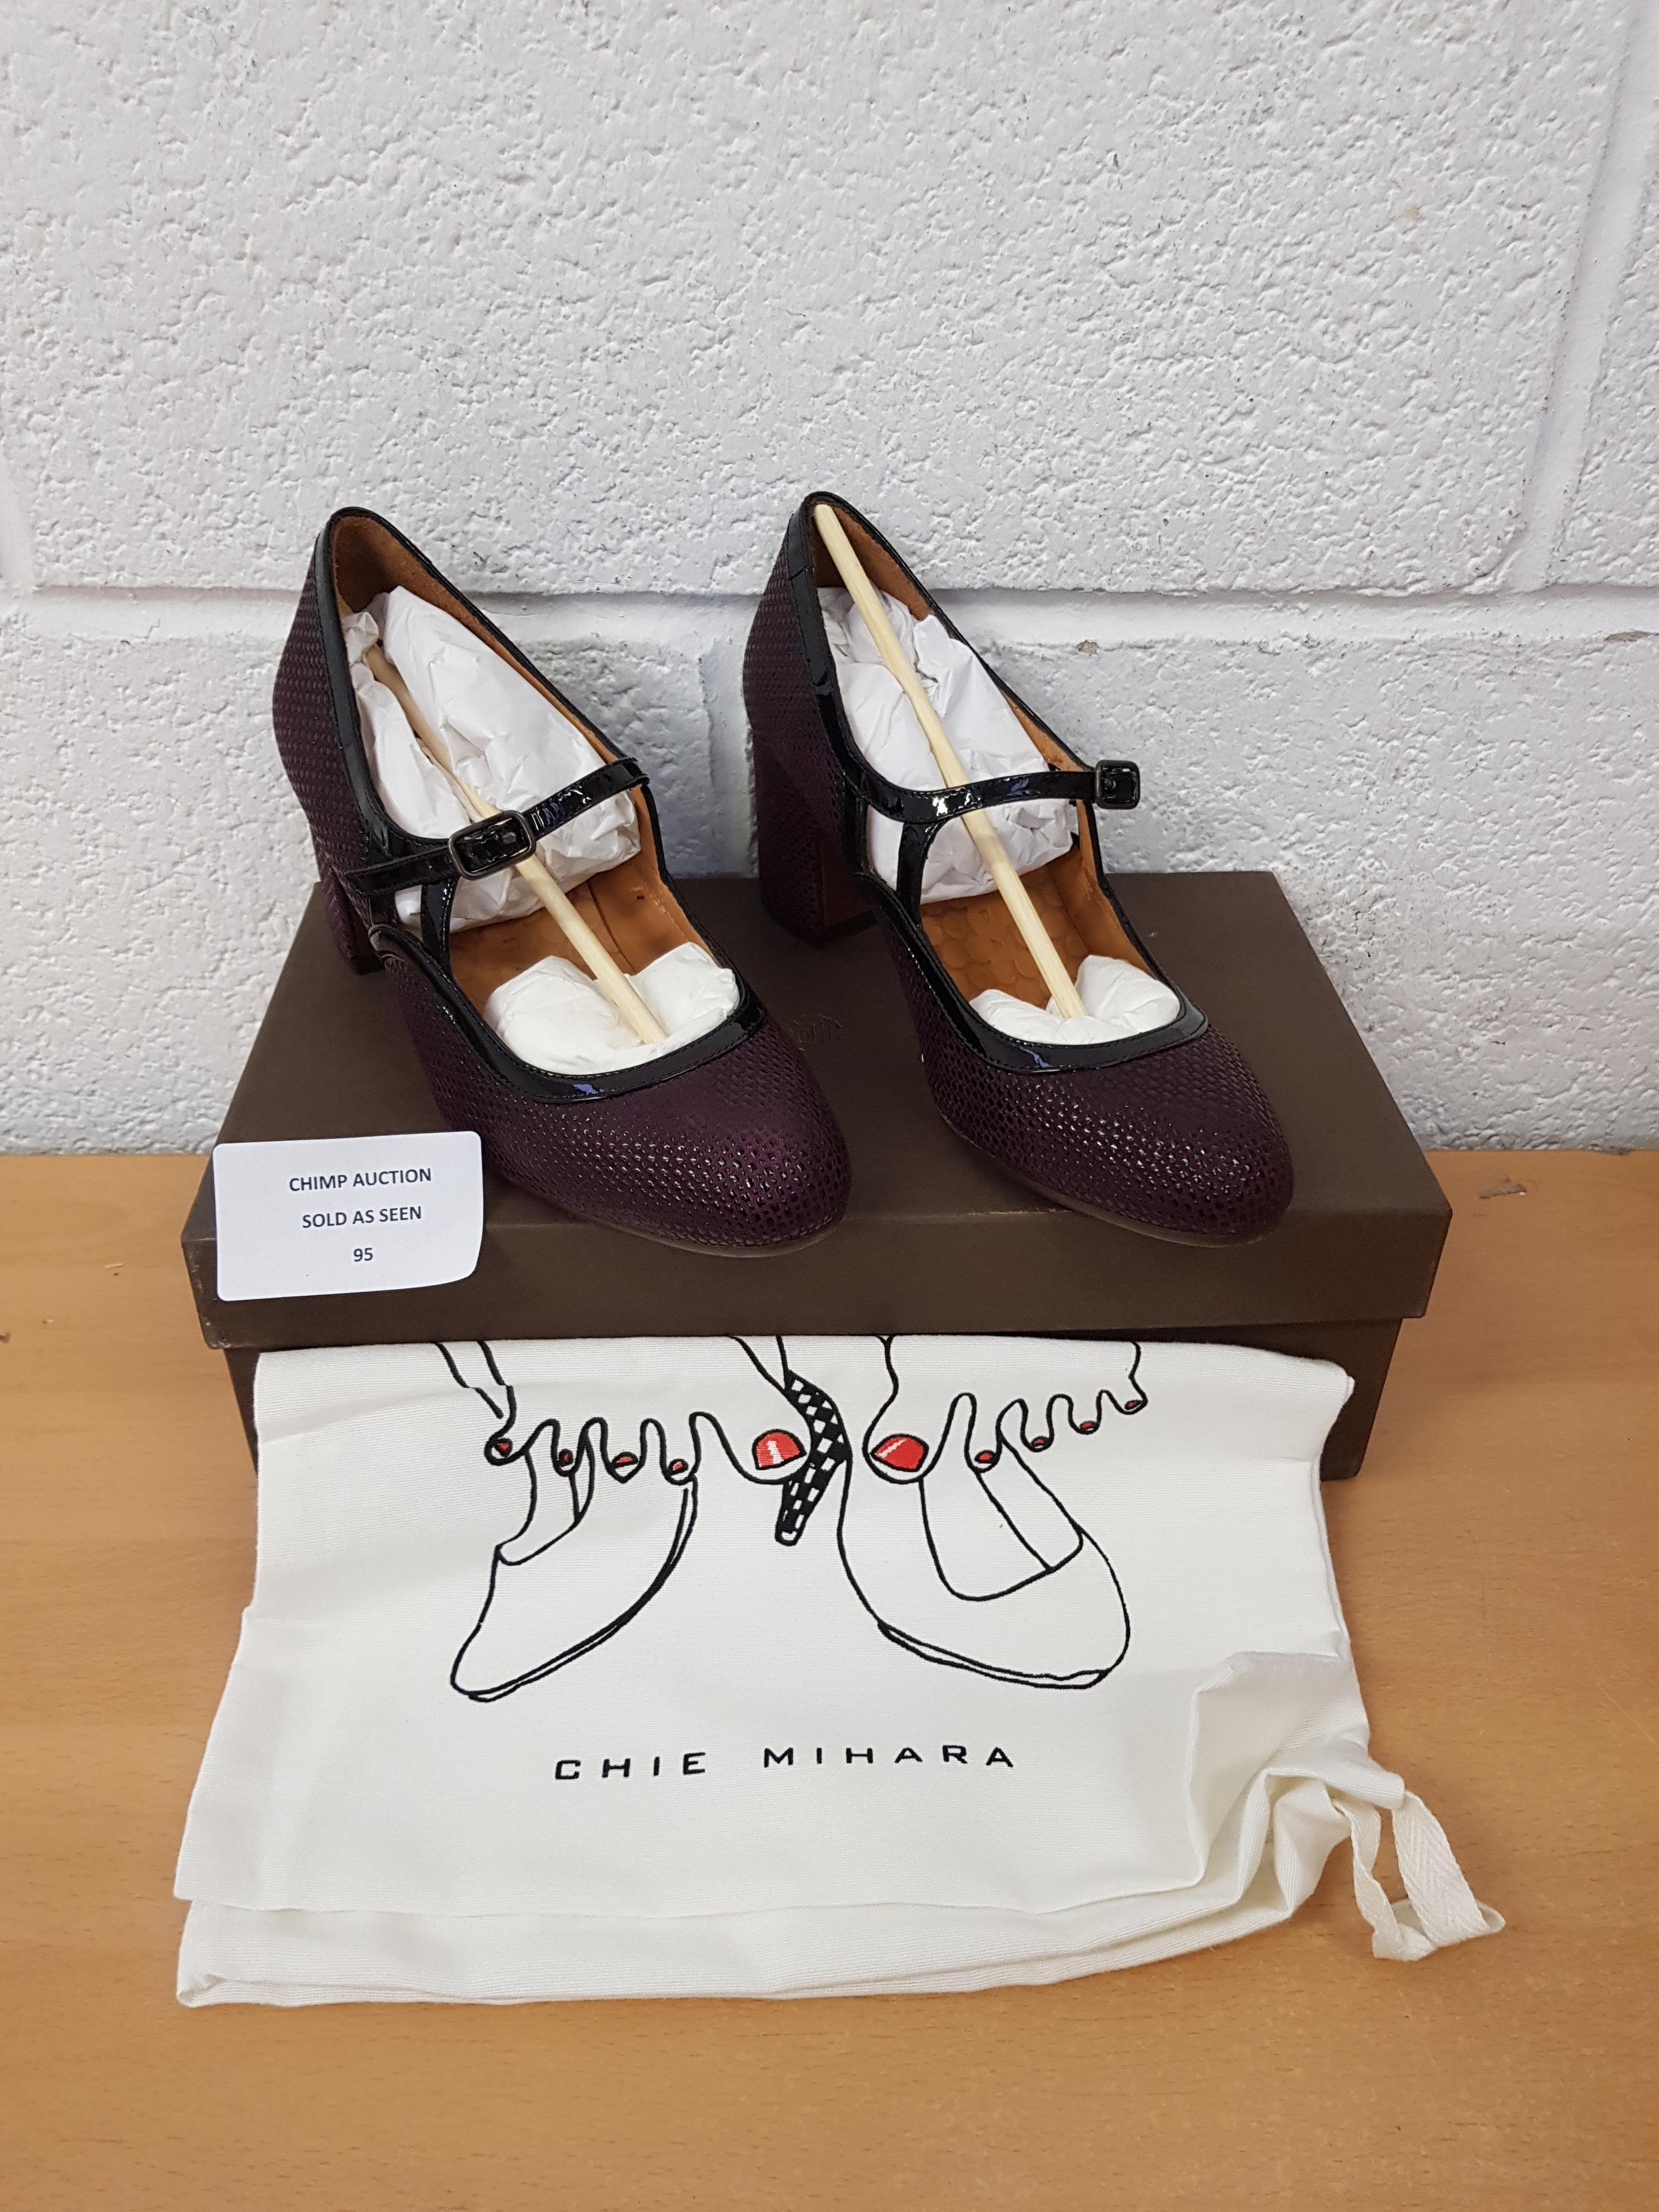 Lot 95 - Chie Mihara ladies premium shoes EU 35